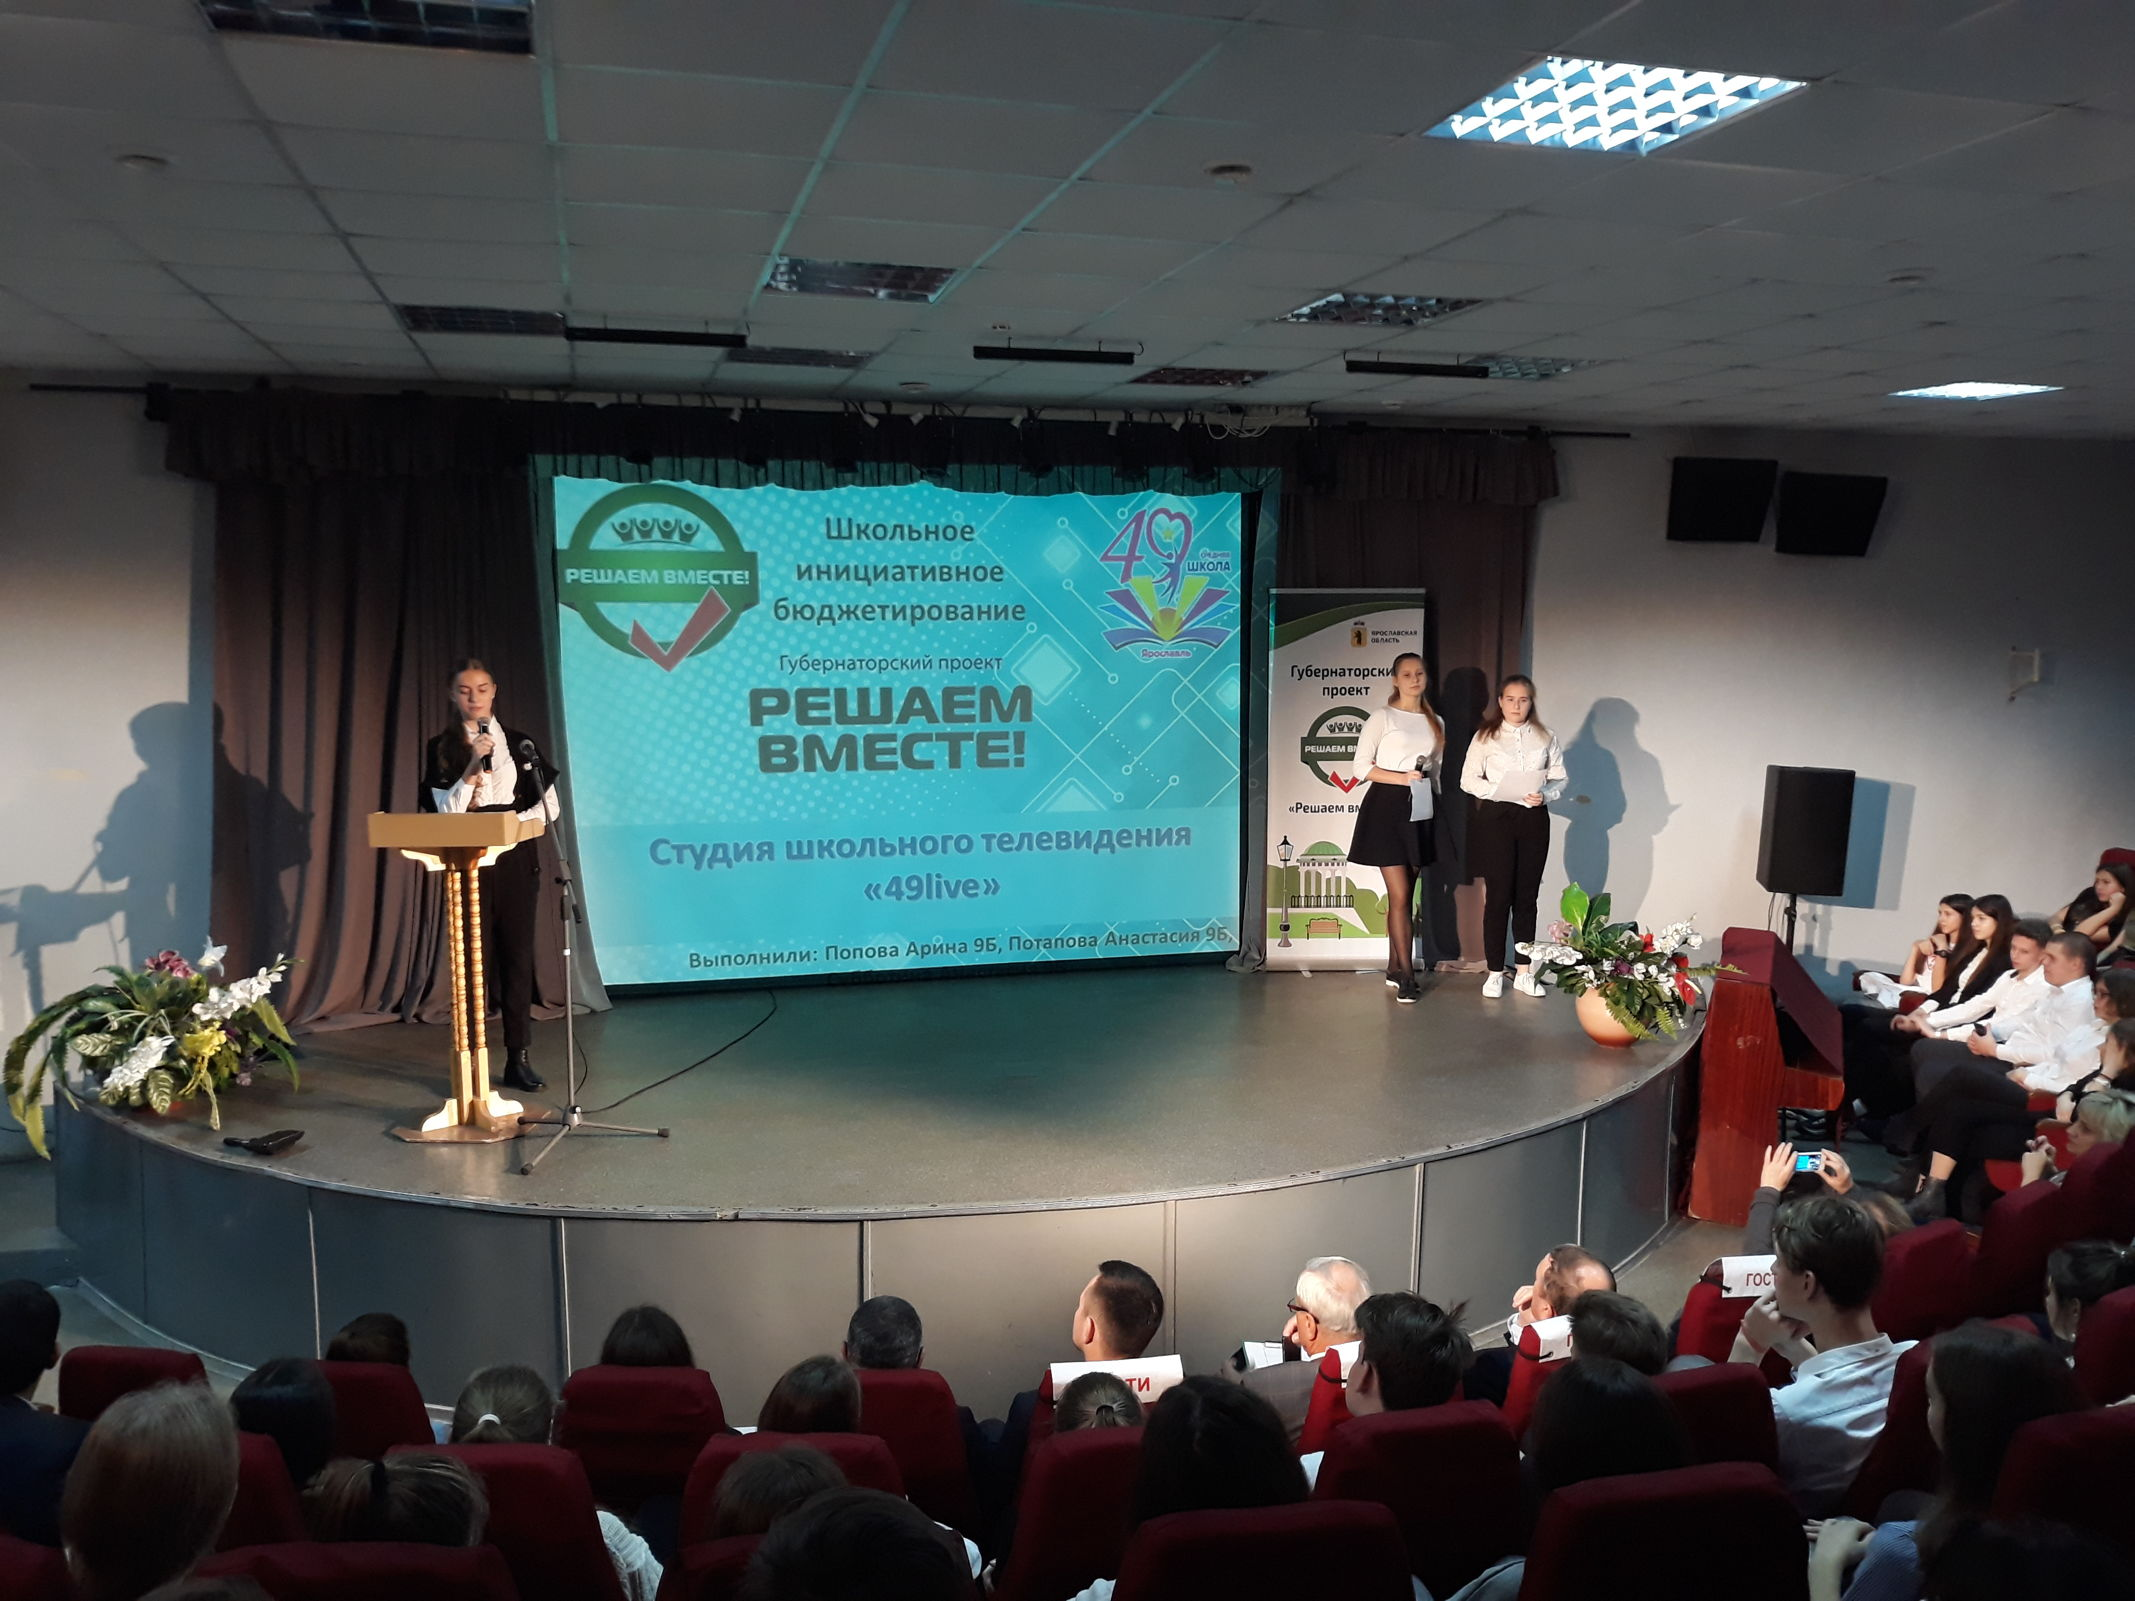 Ярославские школьники предлагают оборудовать в учебных заведениях кинозалы и спортплощадки